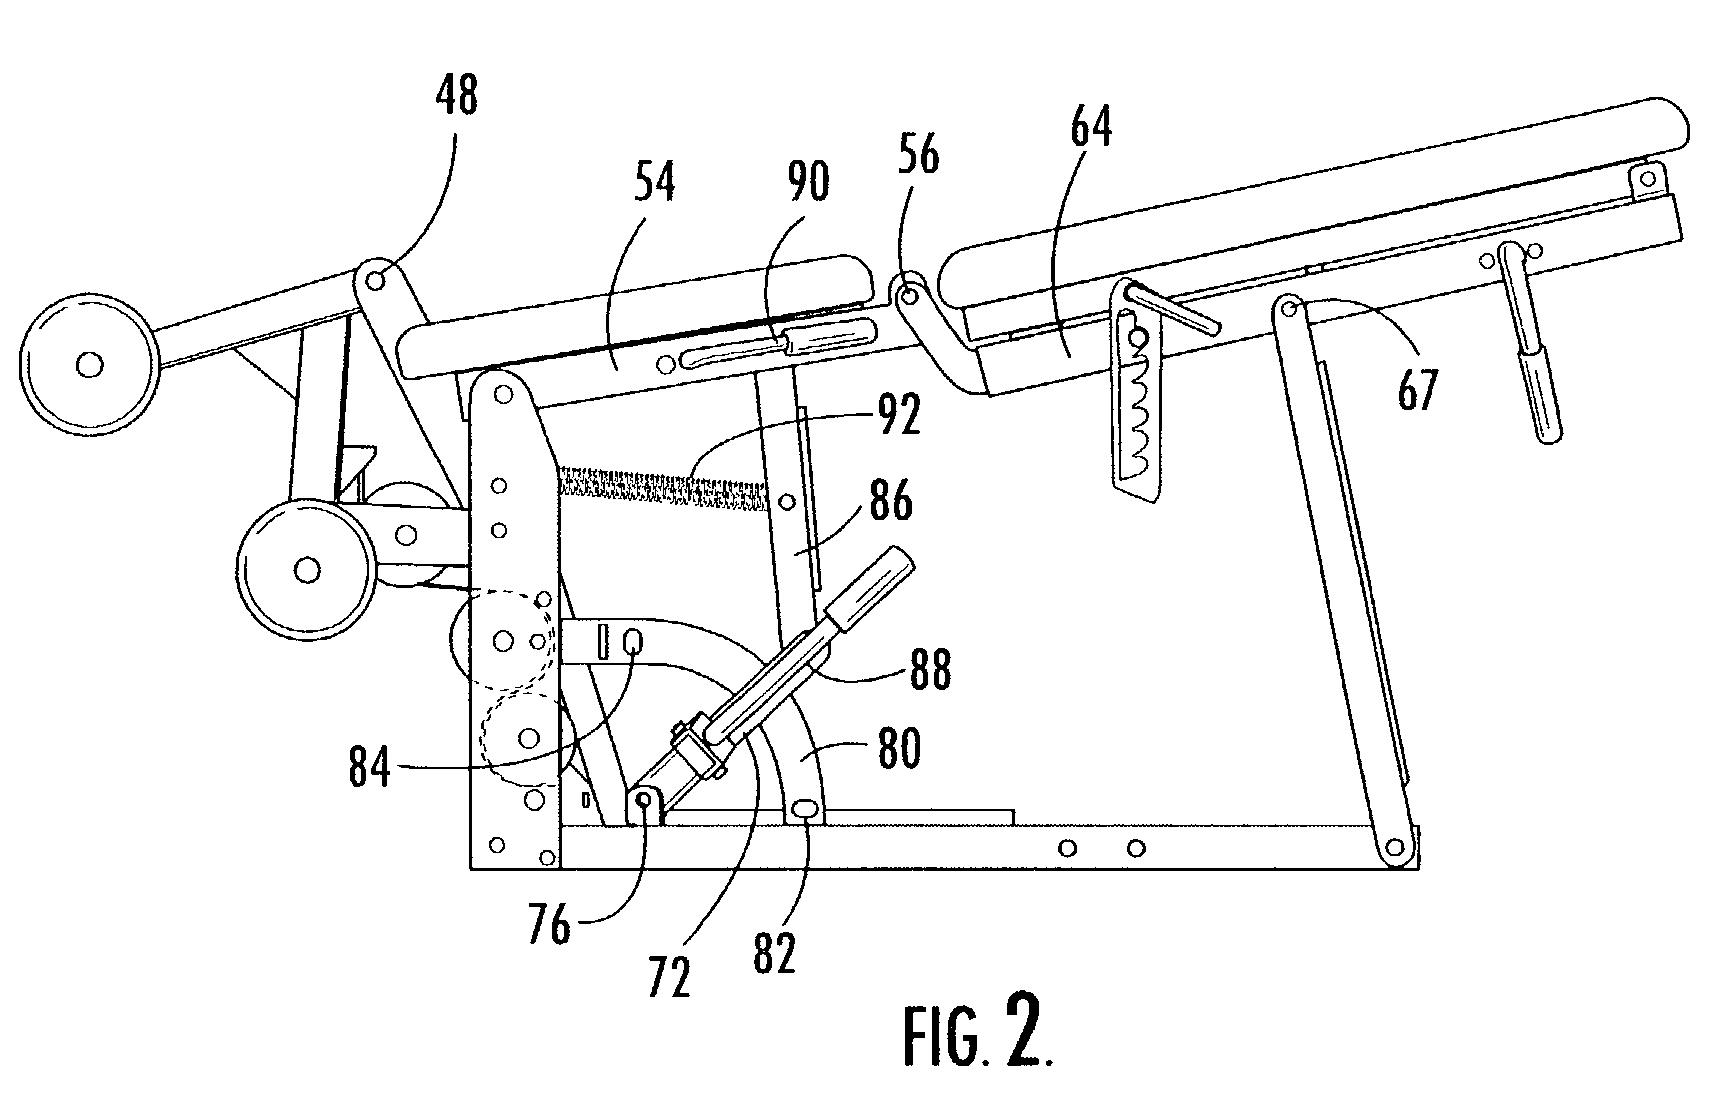 A Plane Seat Diagram